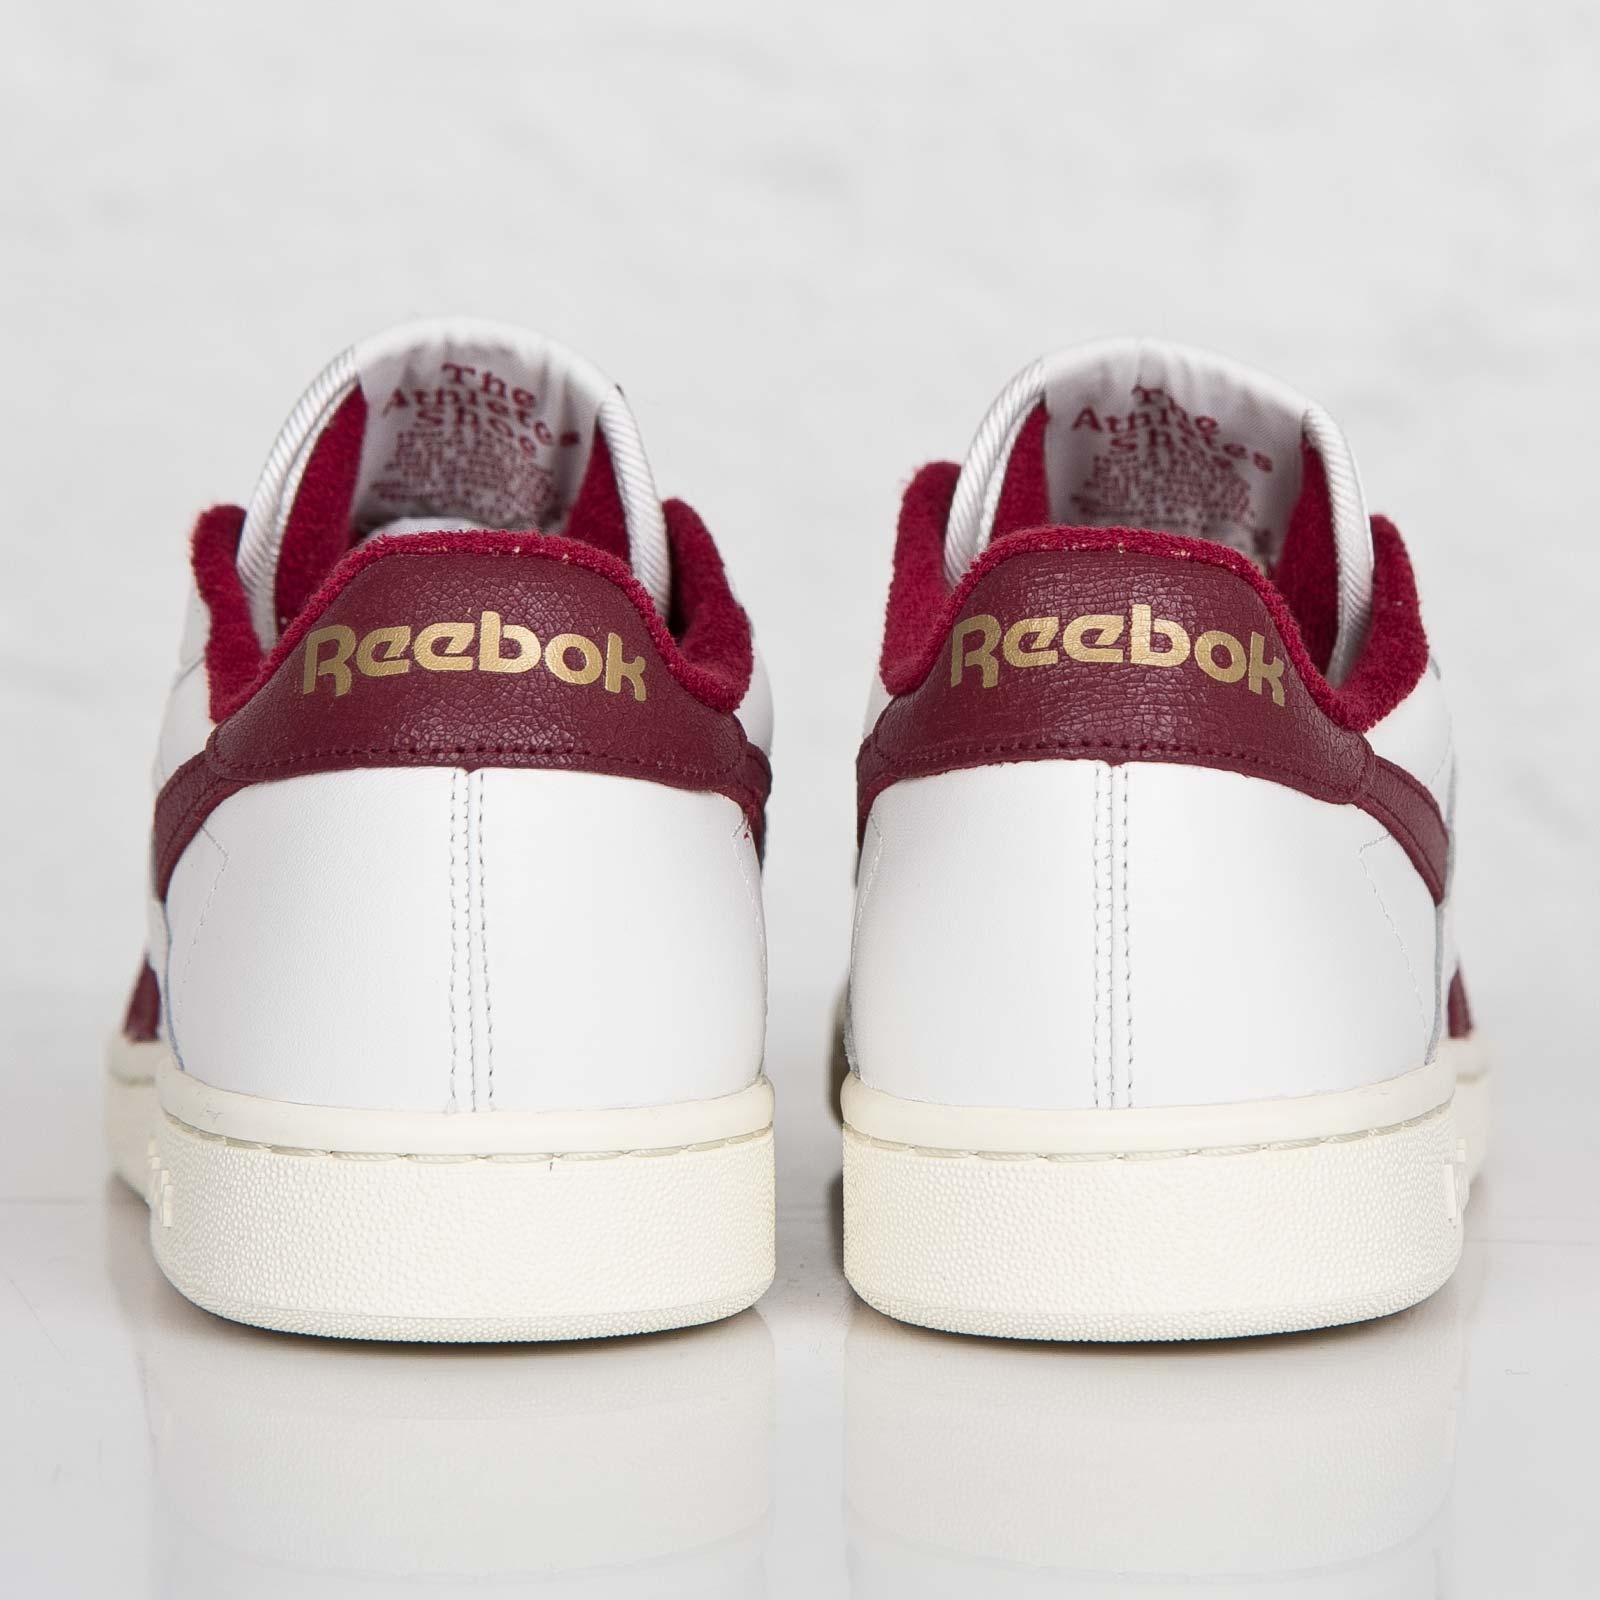 best service cf3ff 11d84 Reebok NPC UK - M41824 - Sneakersnstuff   sneakers   streetwear online  since 1999